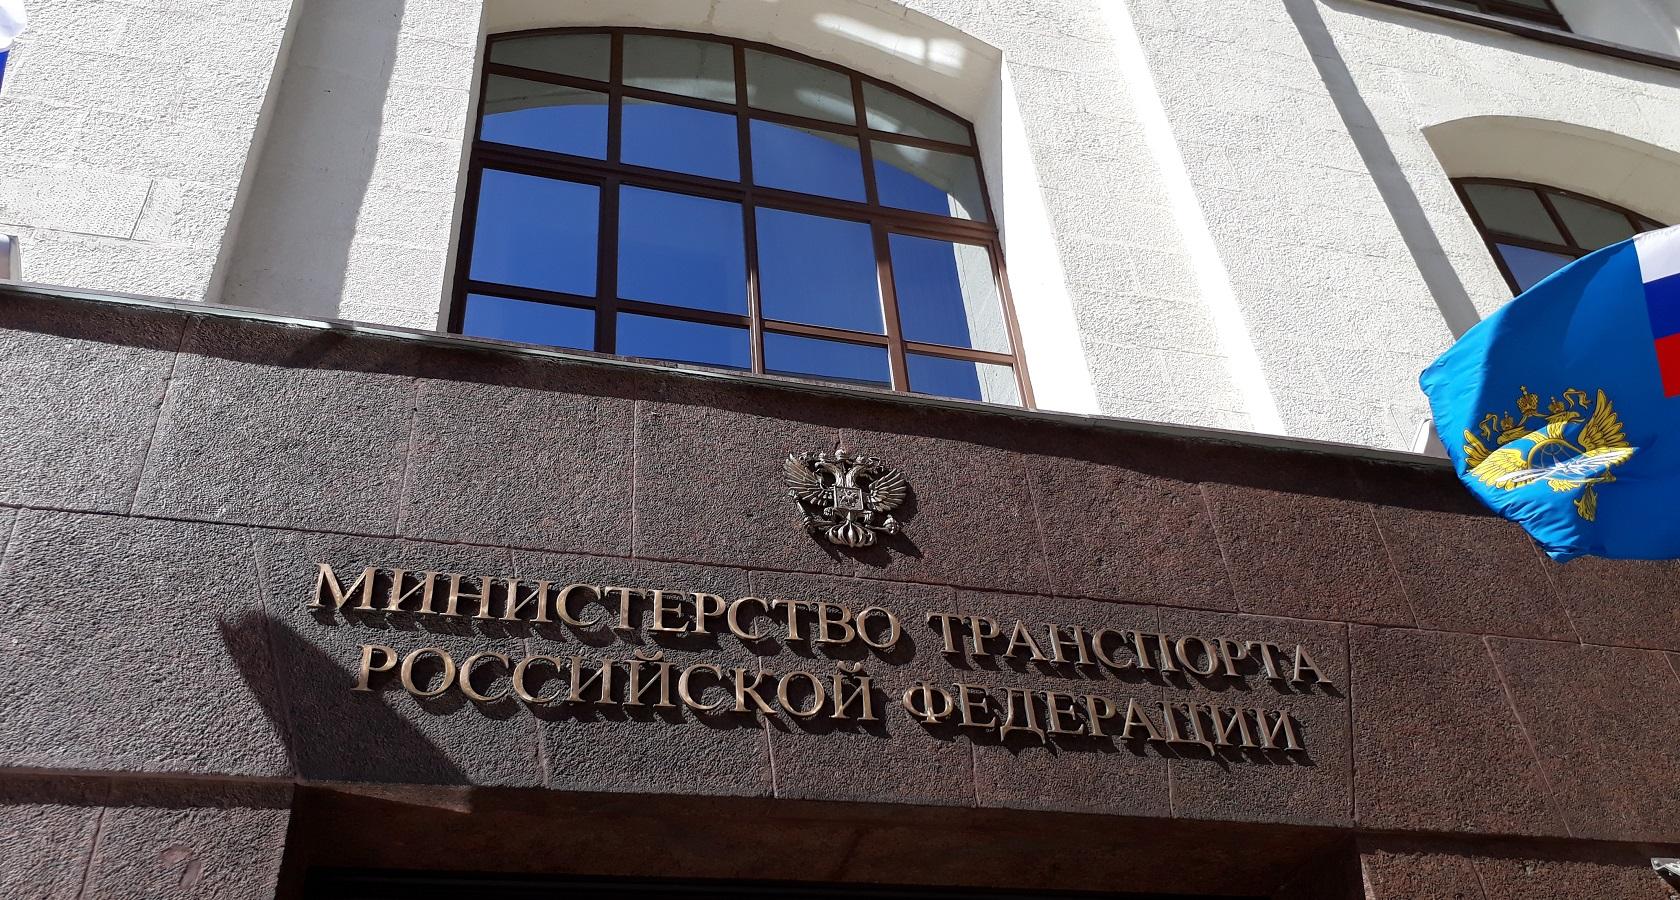 В Минтрансе РФ продолжают разрабатывать систему скидок для системы «Платон» (фото: Wikimedia)